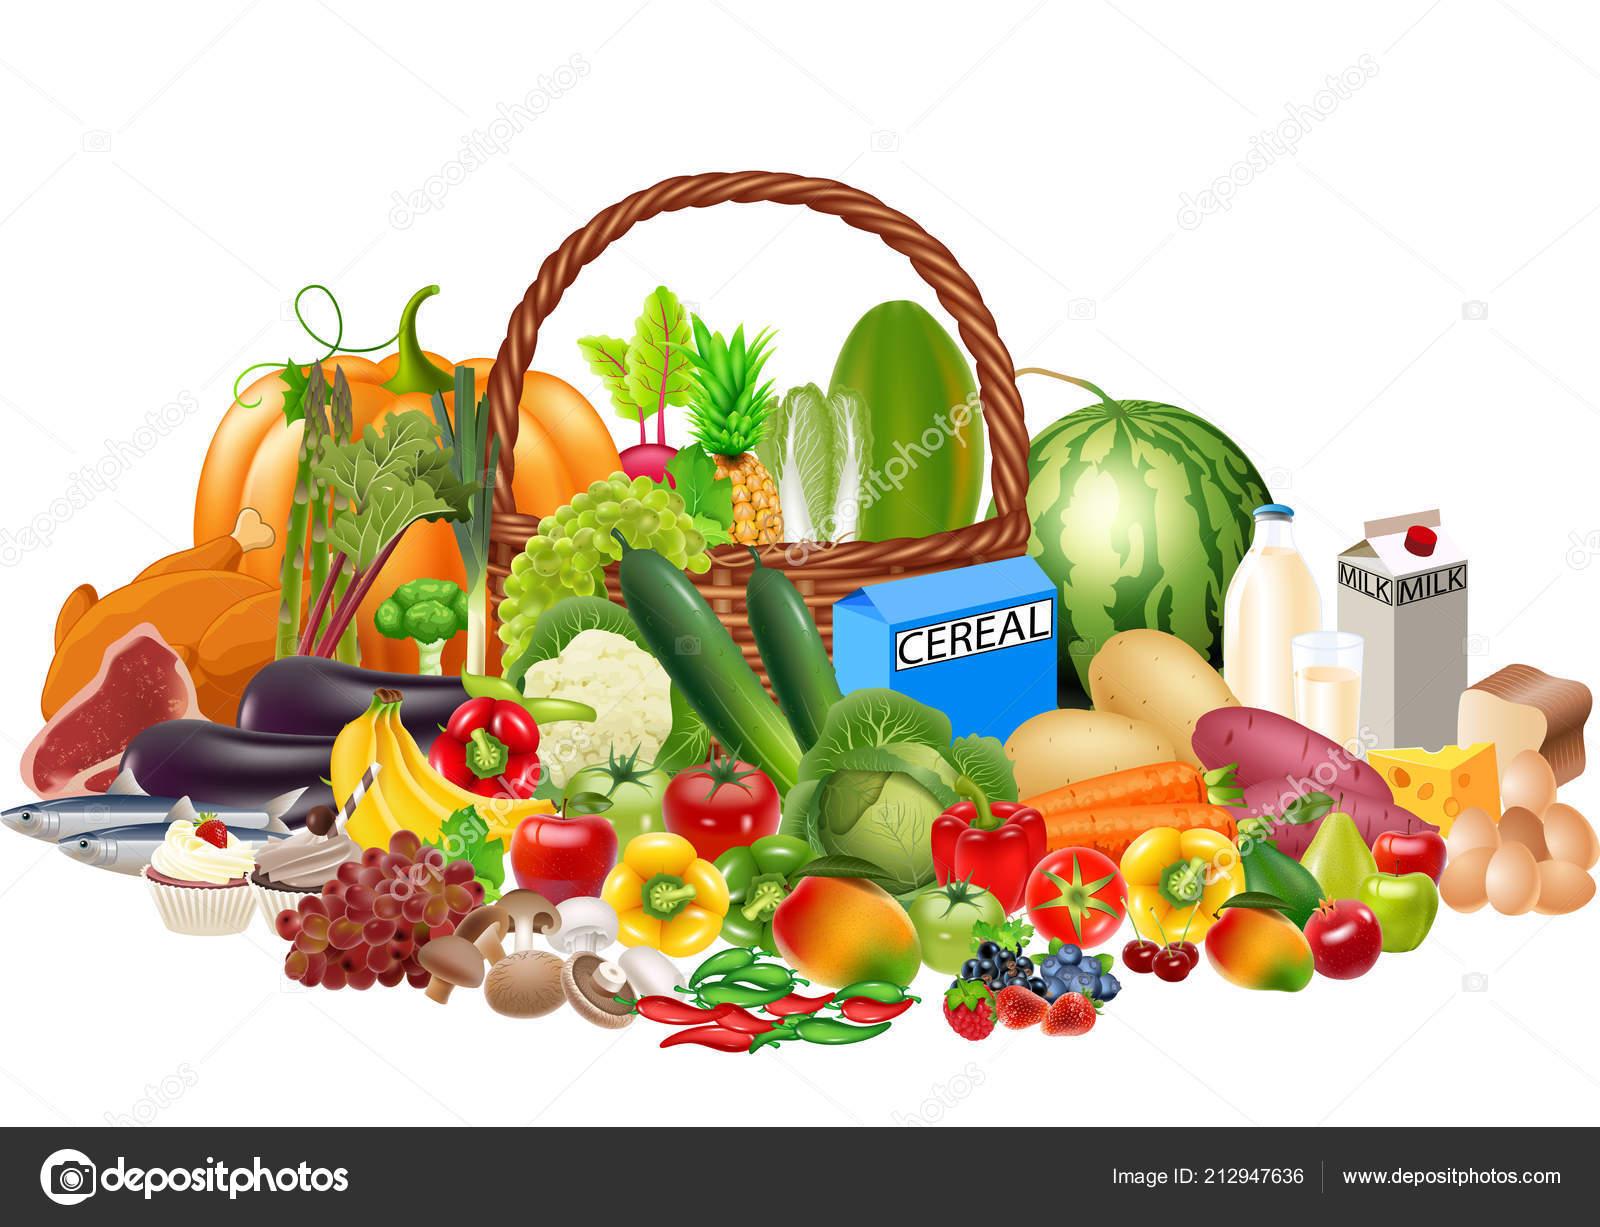 8bb15159f Ilustração Vetor Alimentos Saudáveis Cartoon Contém Frutas Legumes Proteínas  Carboidratos — Vetor de Stock